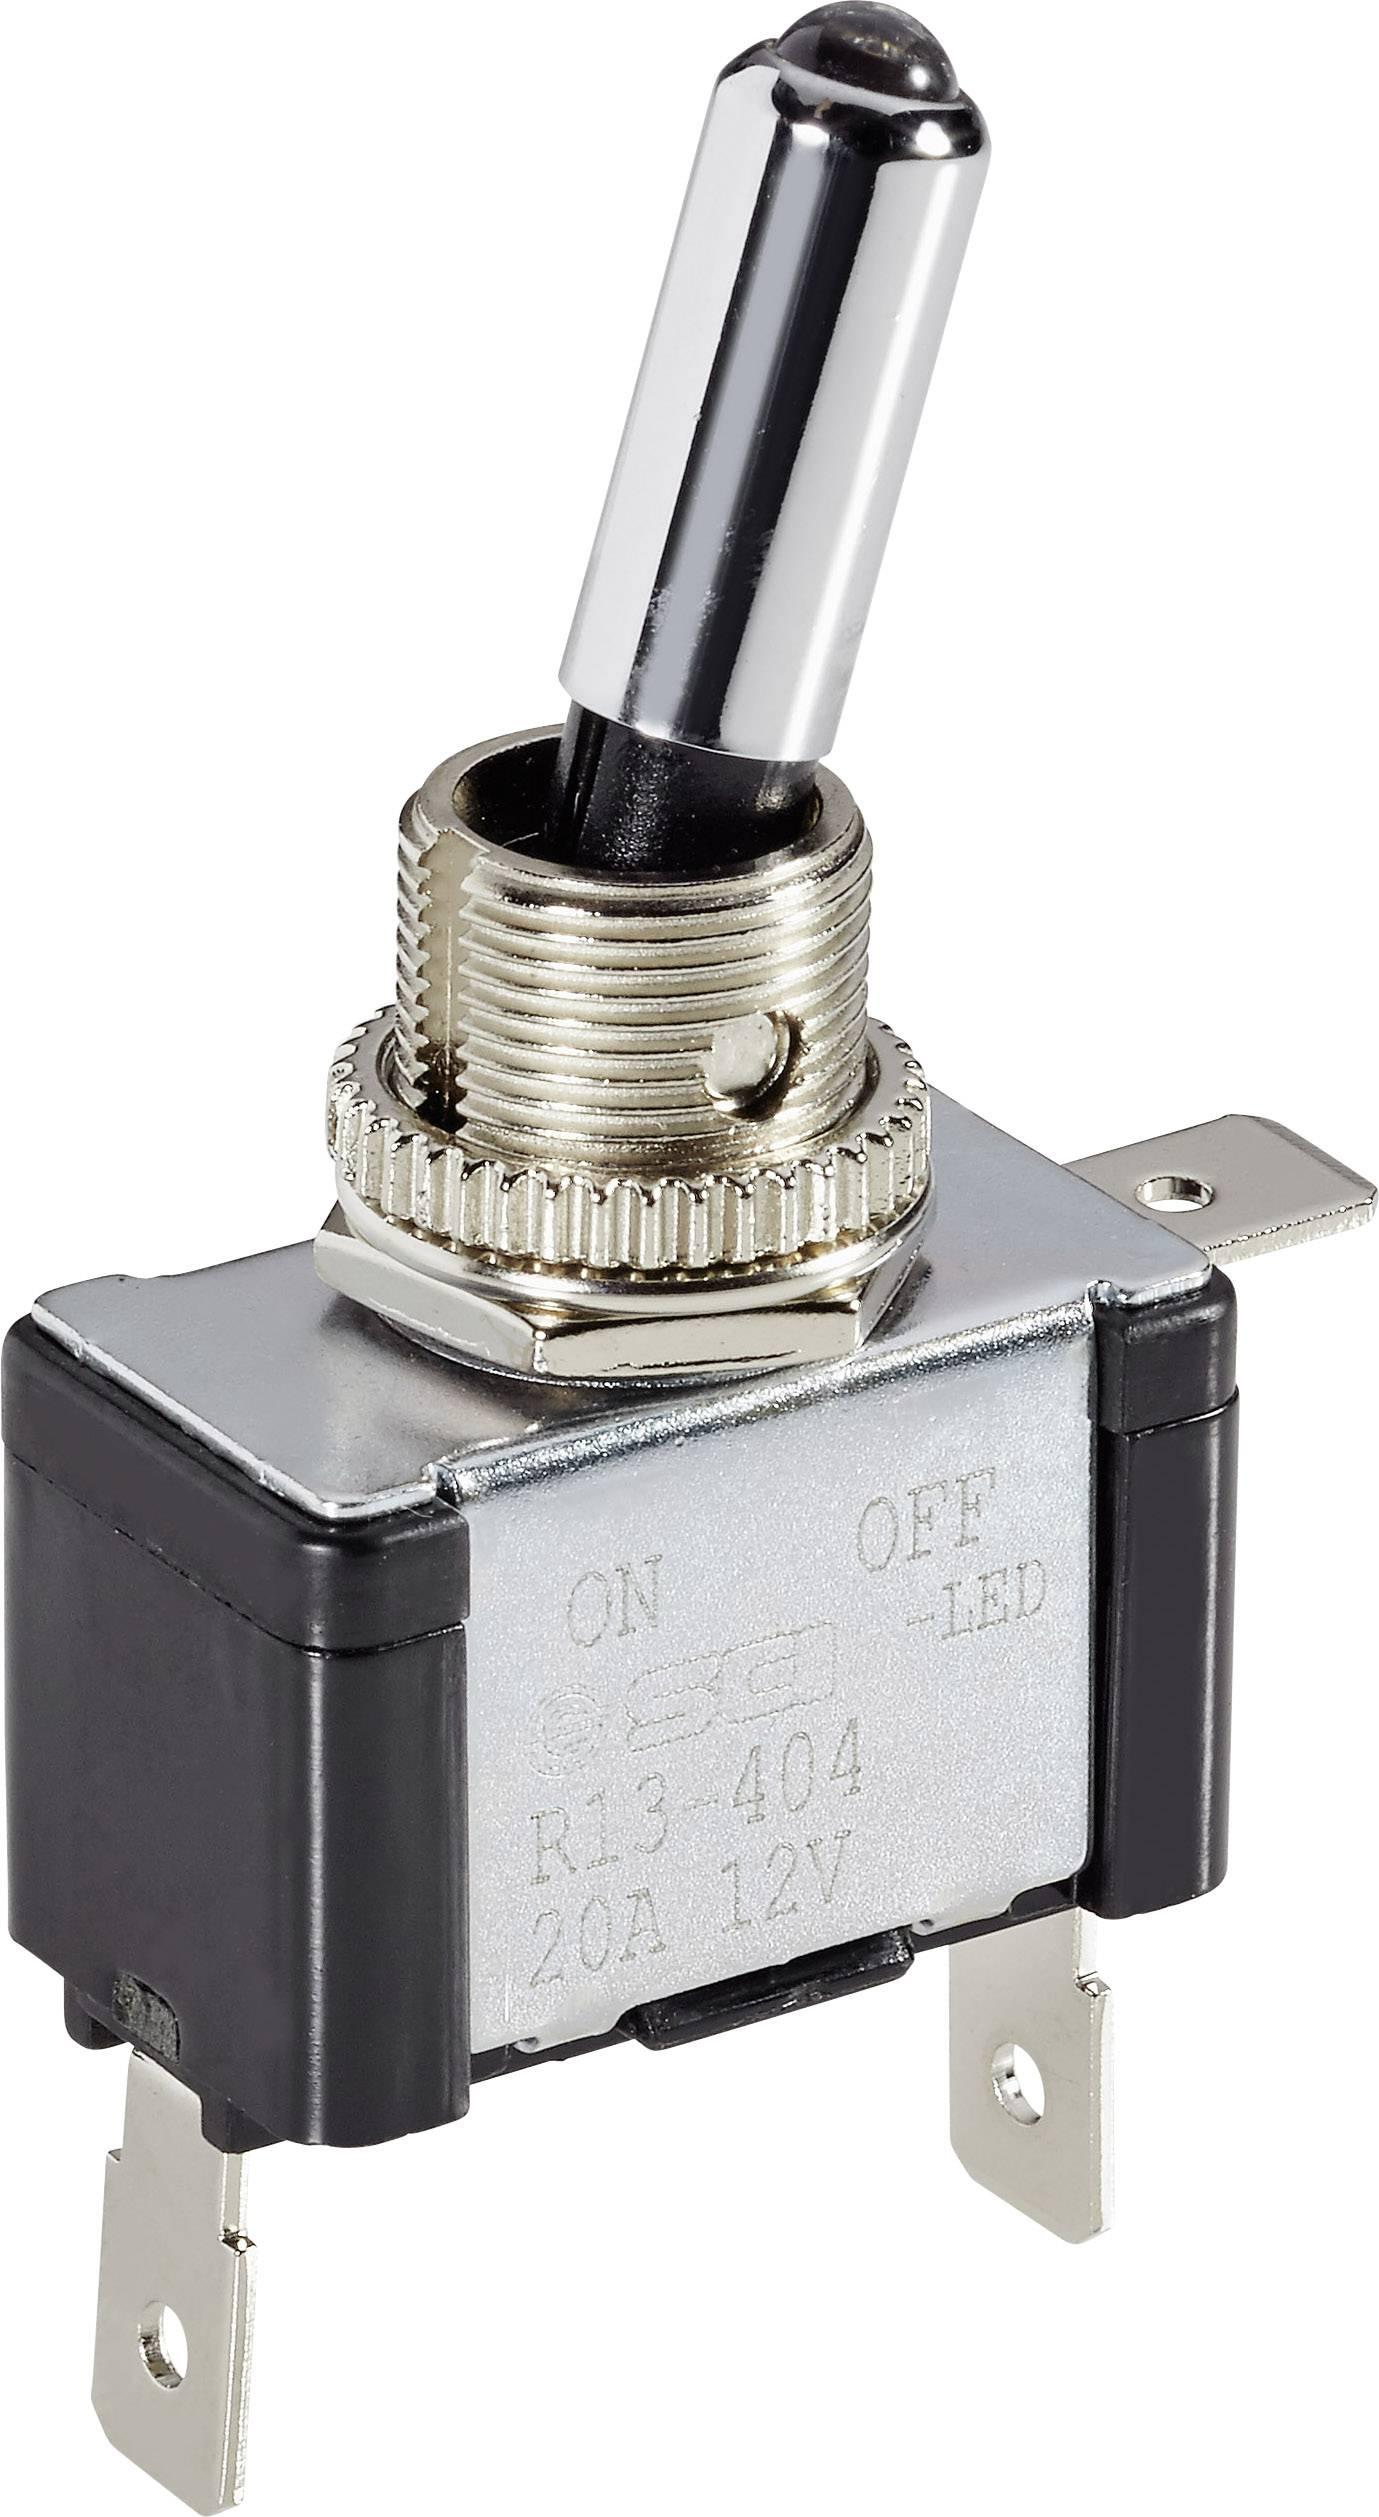 Páčkový prepínač do auta SCI R13-404L BL LED, 12 V/DC, 20 A, s aretáciou, 1 ks